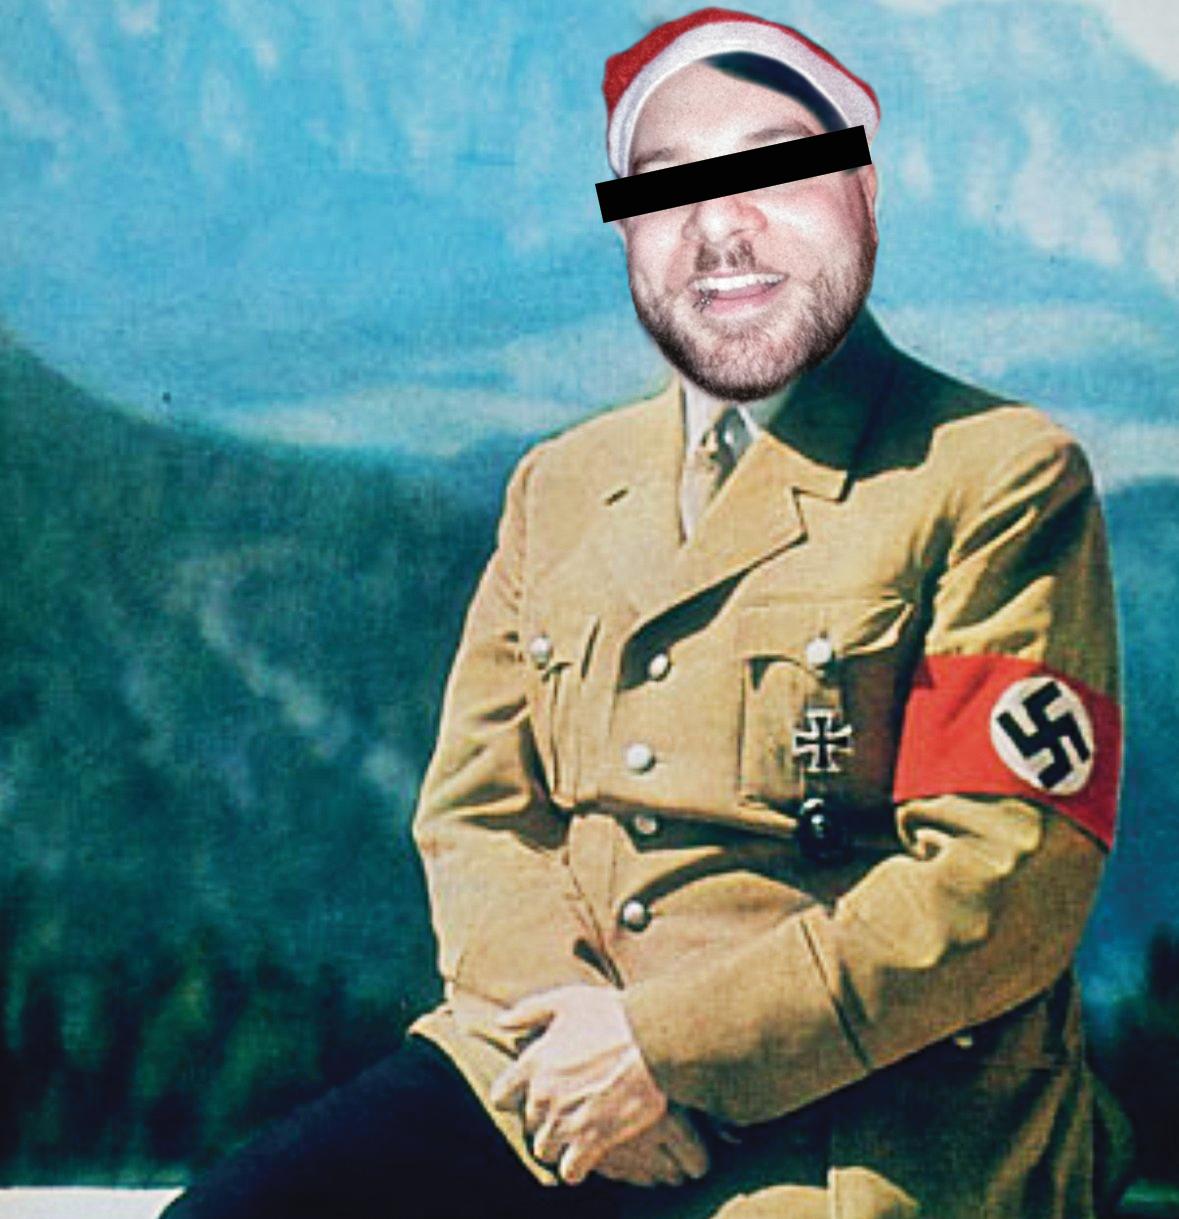 Le nazisme, un sujet de choix pour une bonne rigolade entre collègues.